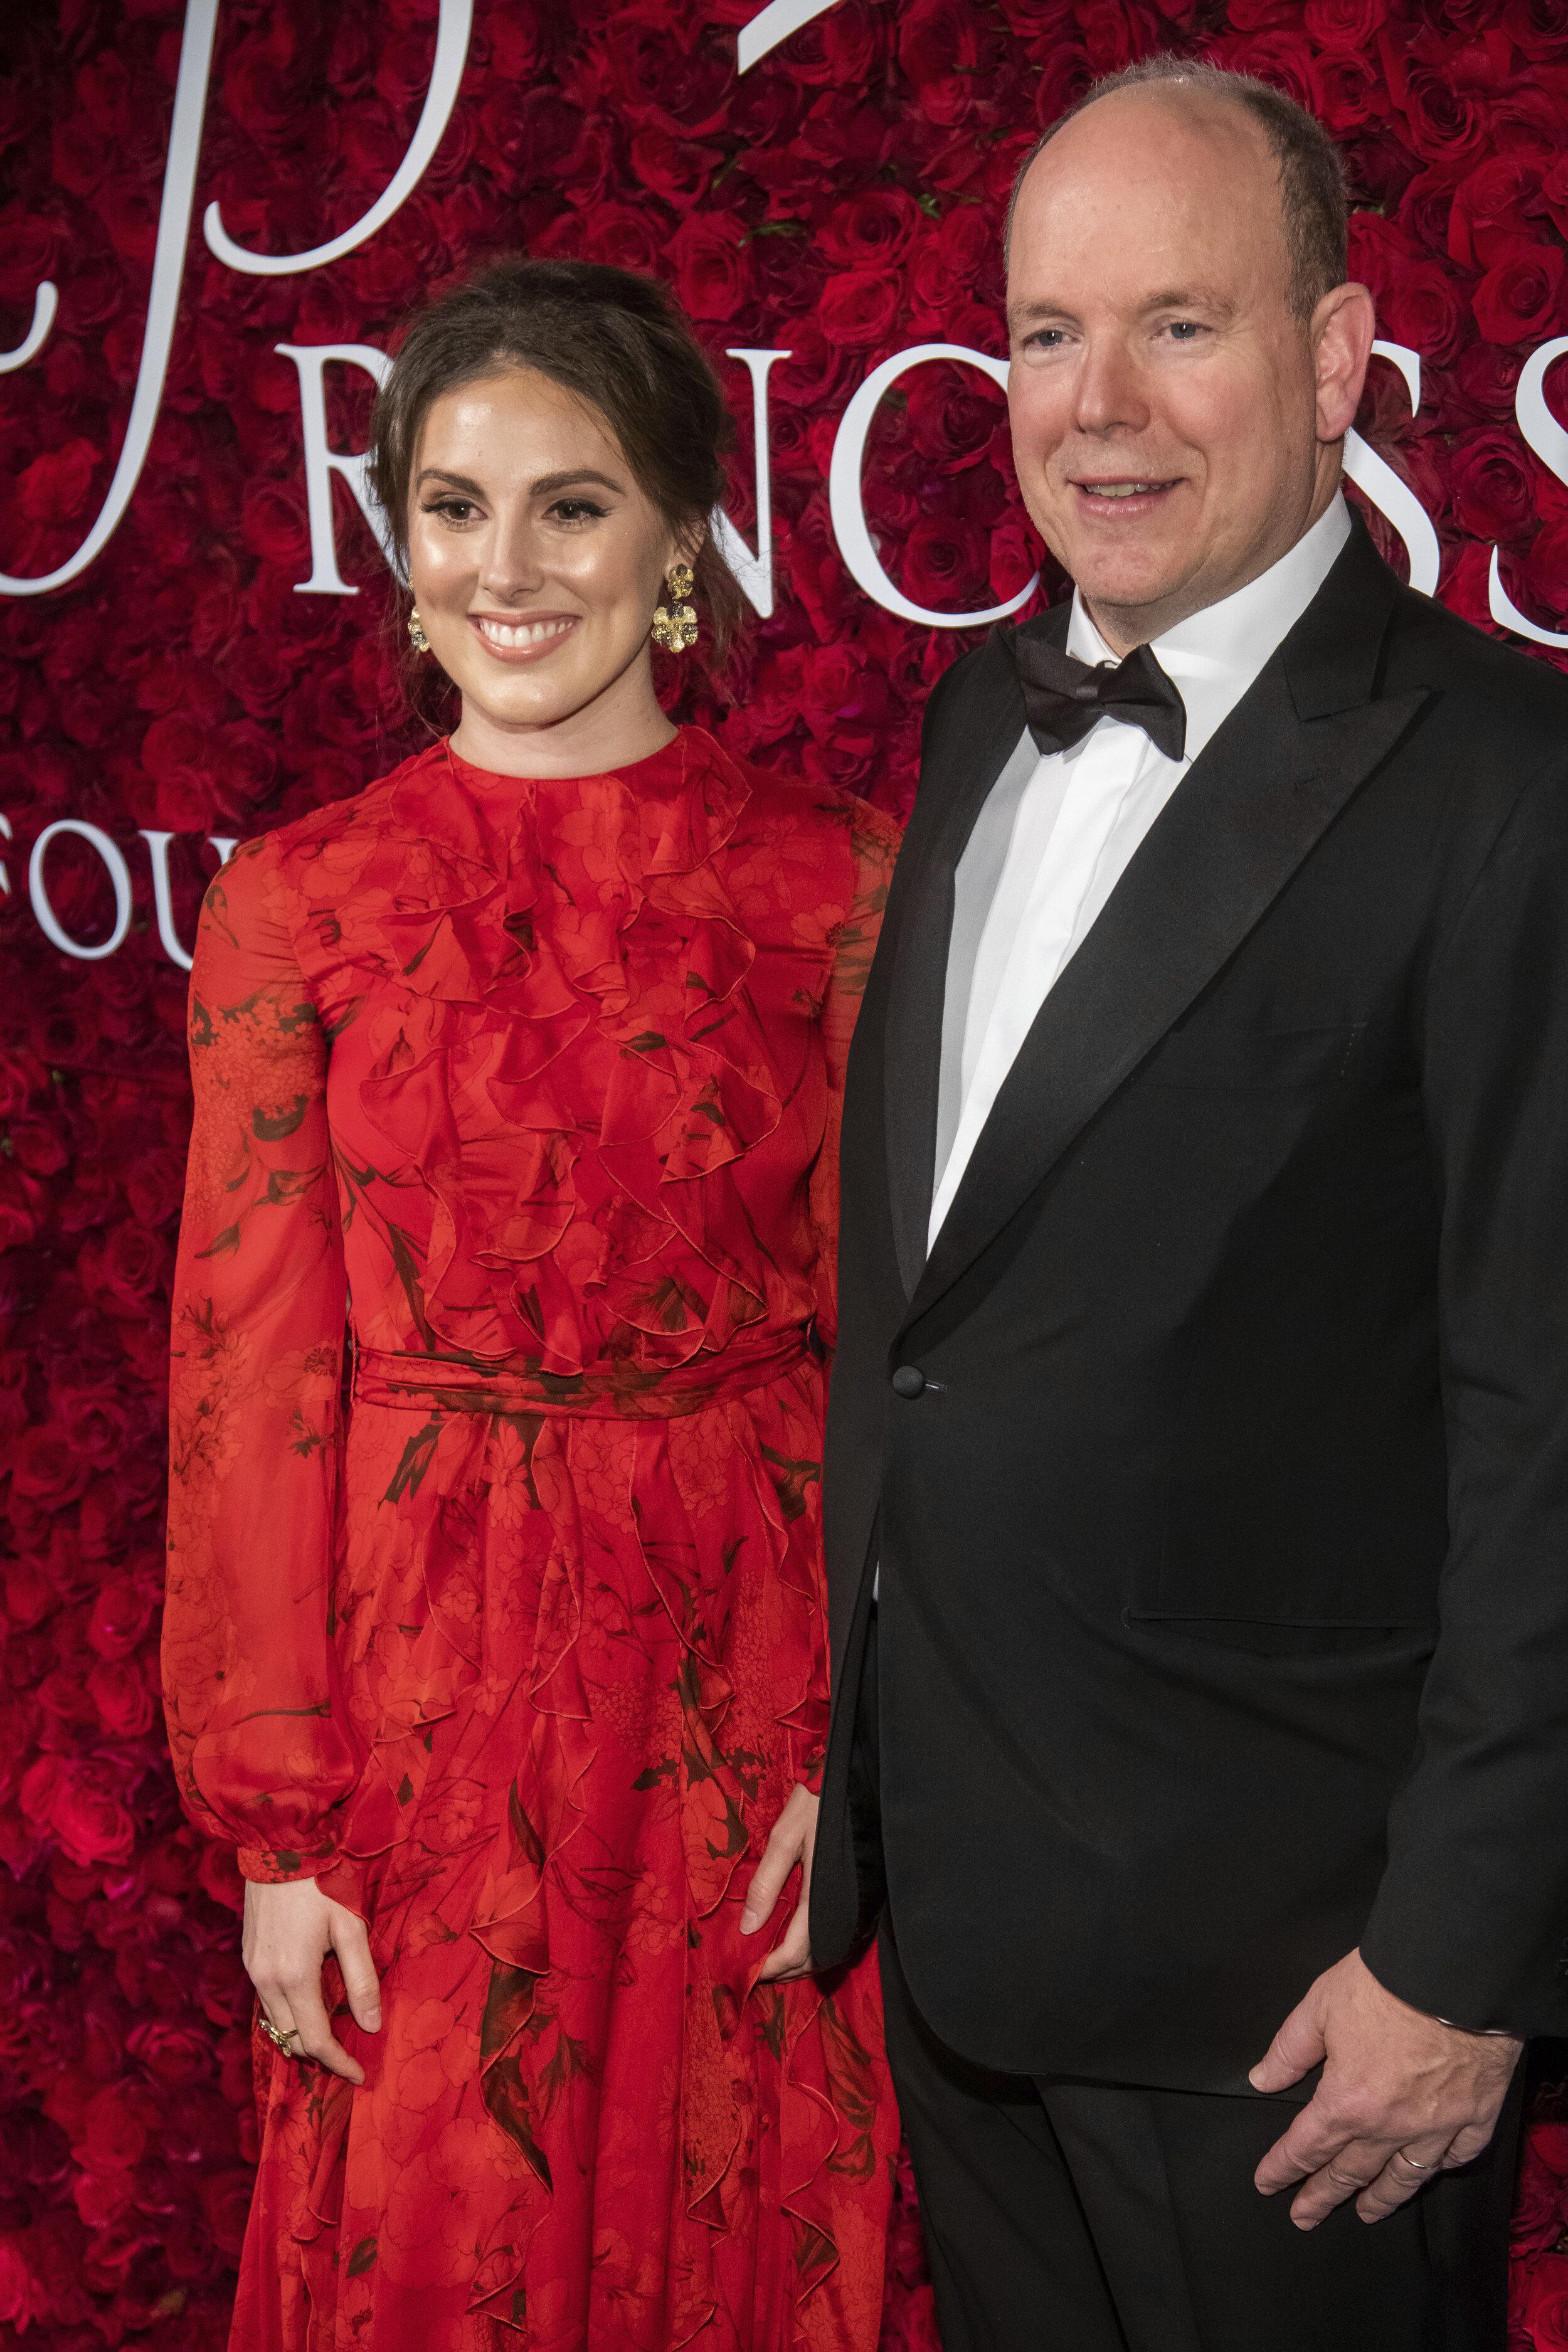 Fürst Albert kam dieses Jahr ohne seine Frau zu der Gala. Im vergangenen Jahr war Fürstin Charlène jedoch dabei.  © picture alliance/AP/Invision